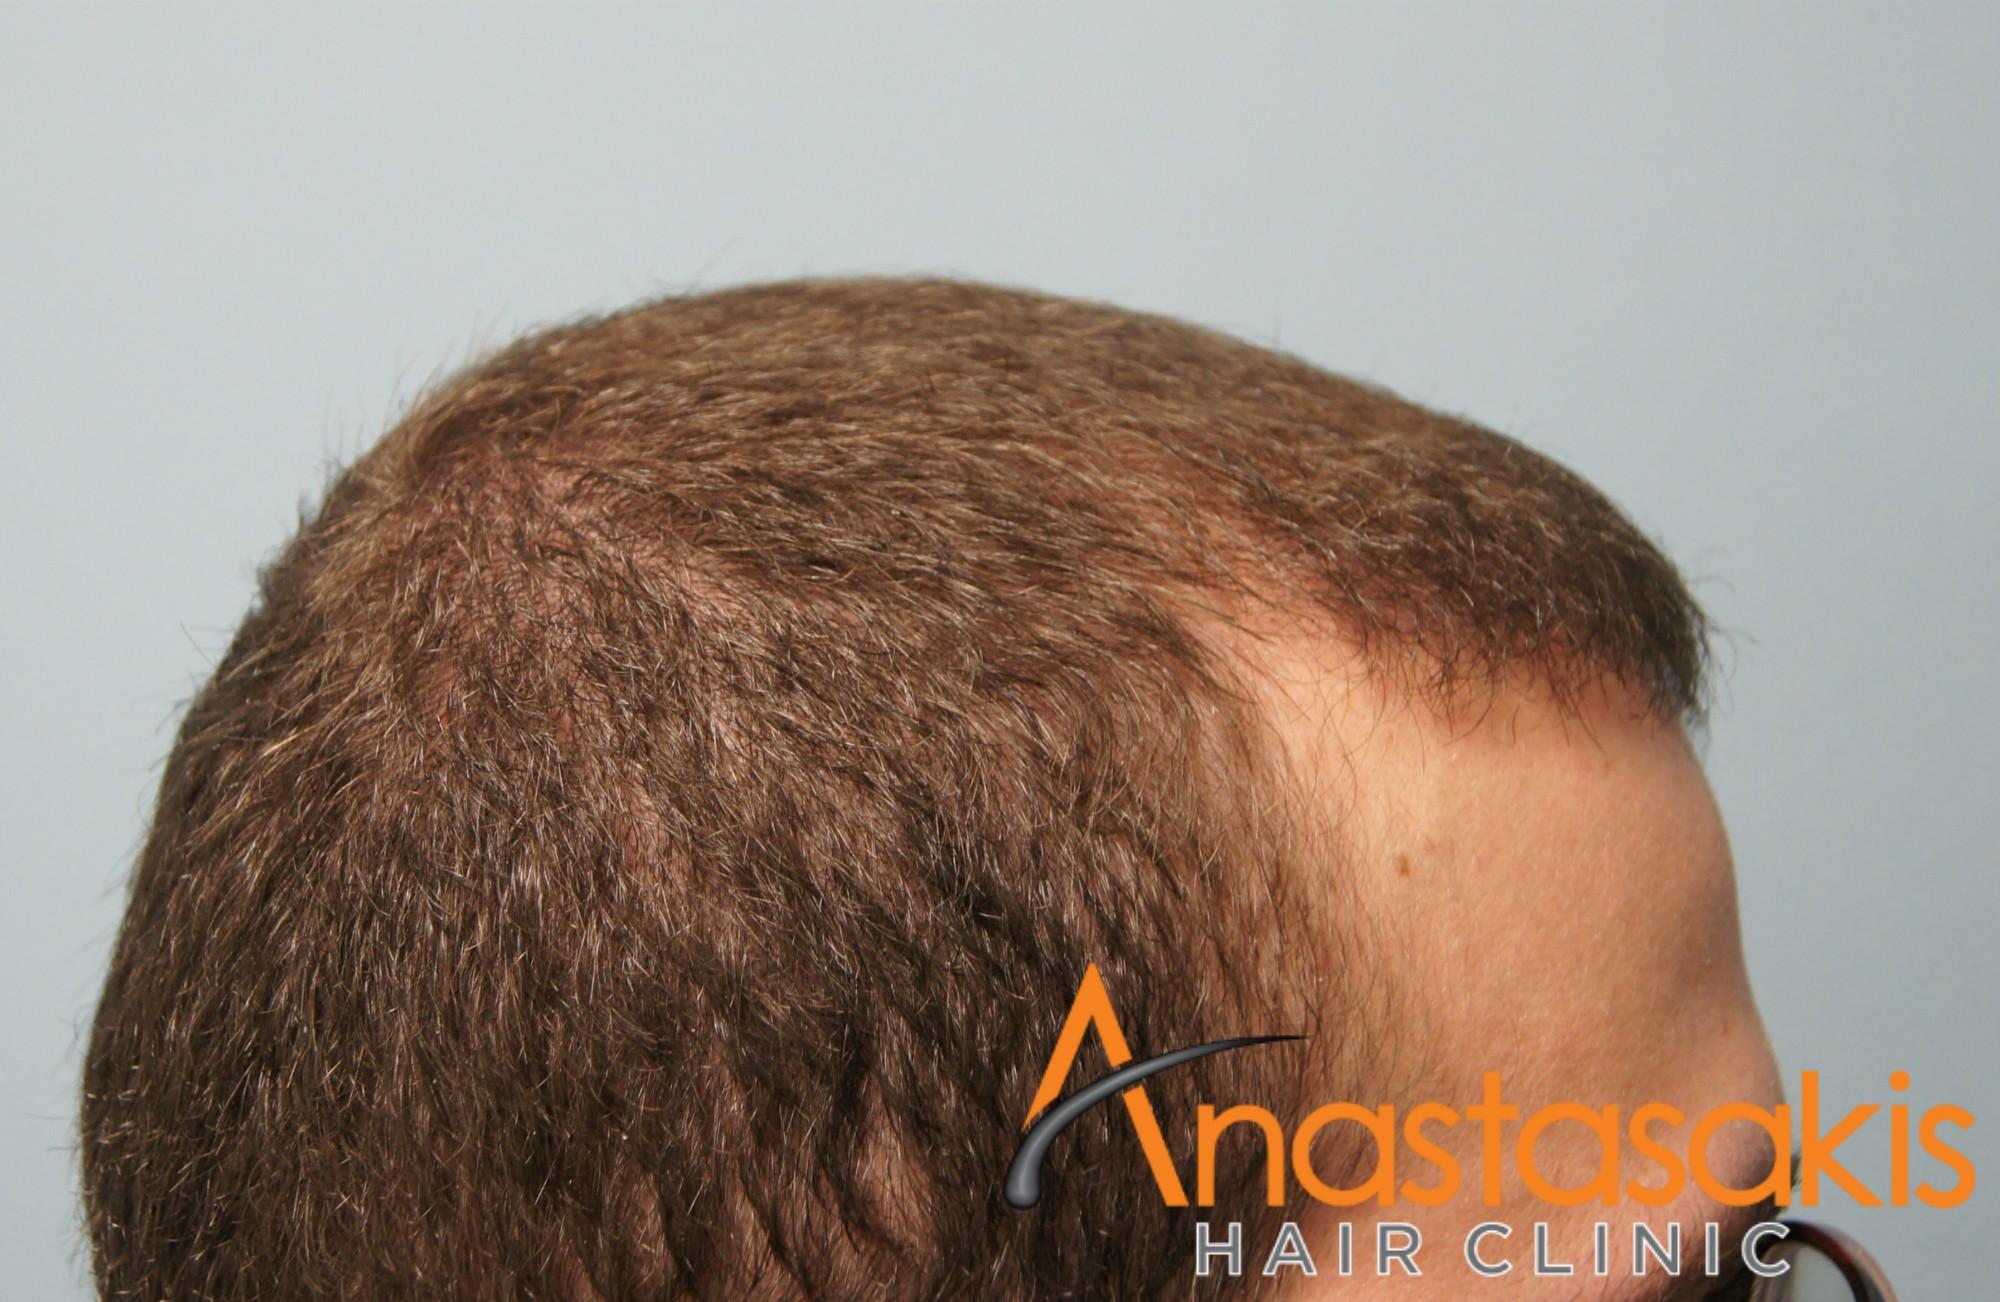 άνδρας μετά την εμφύτευση μαλλιών fut με 1500fus left